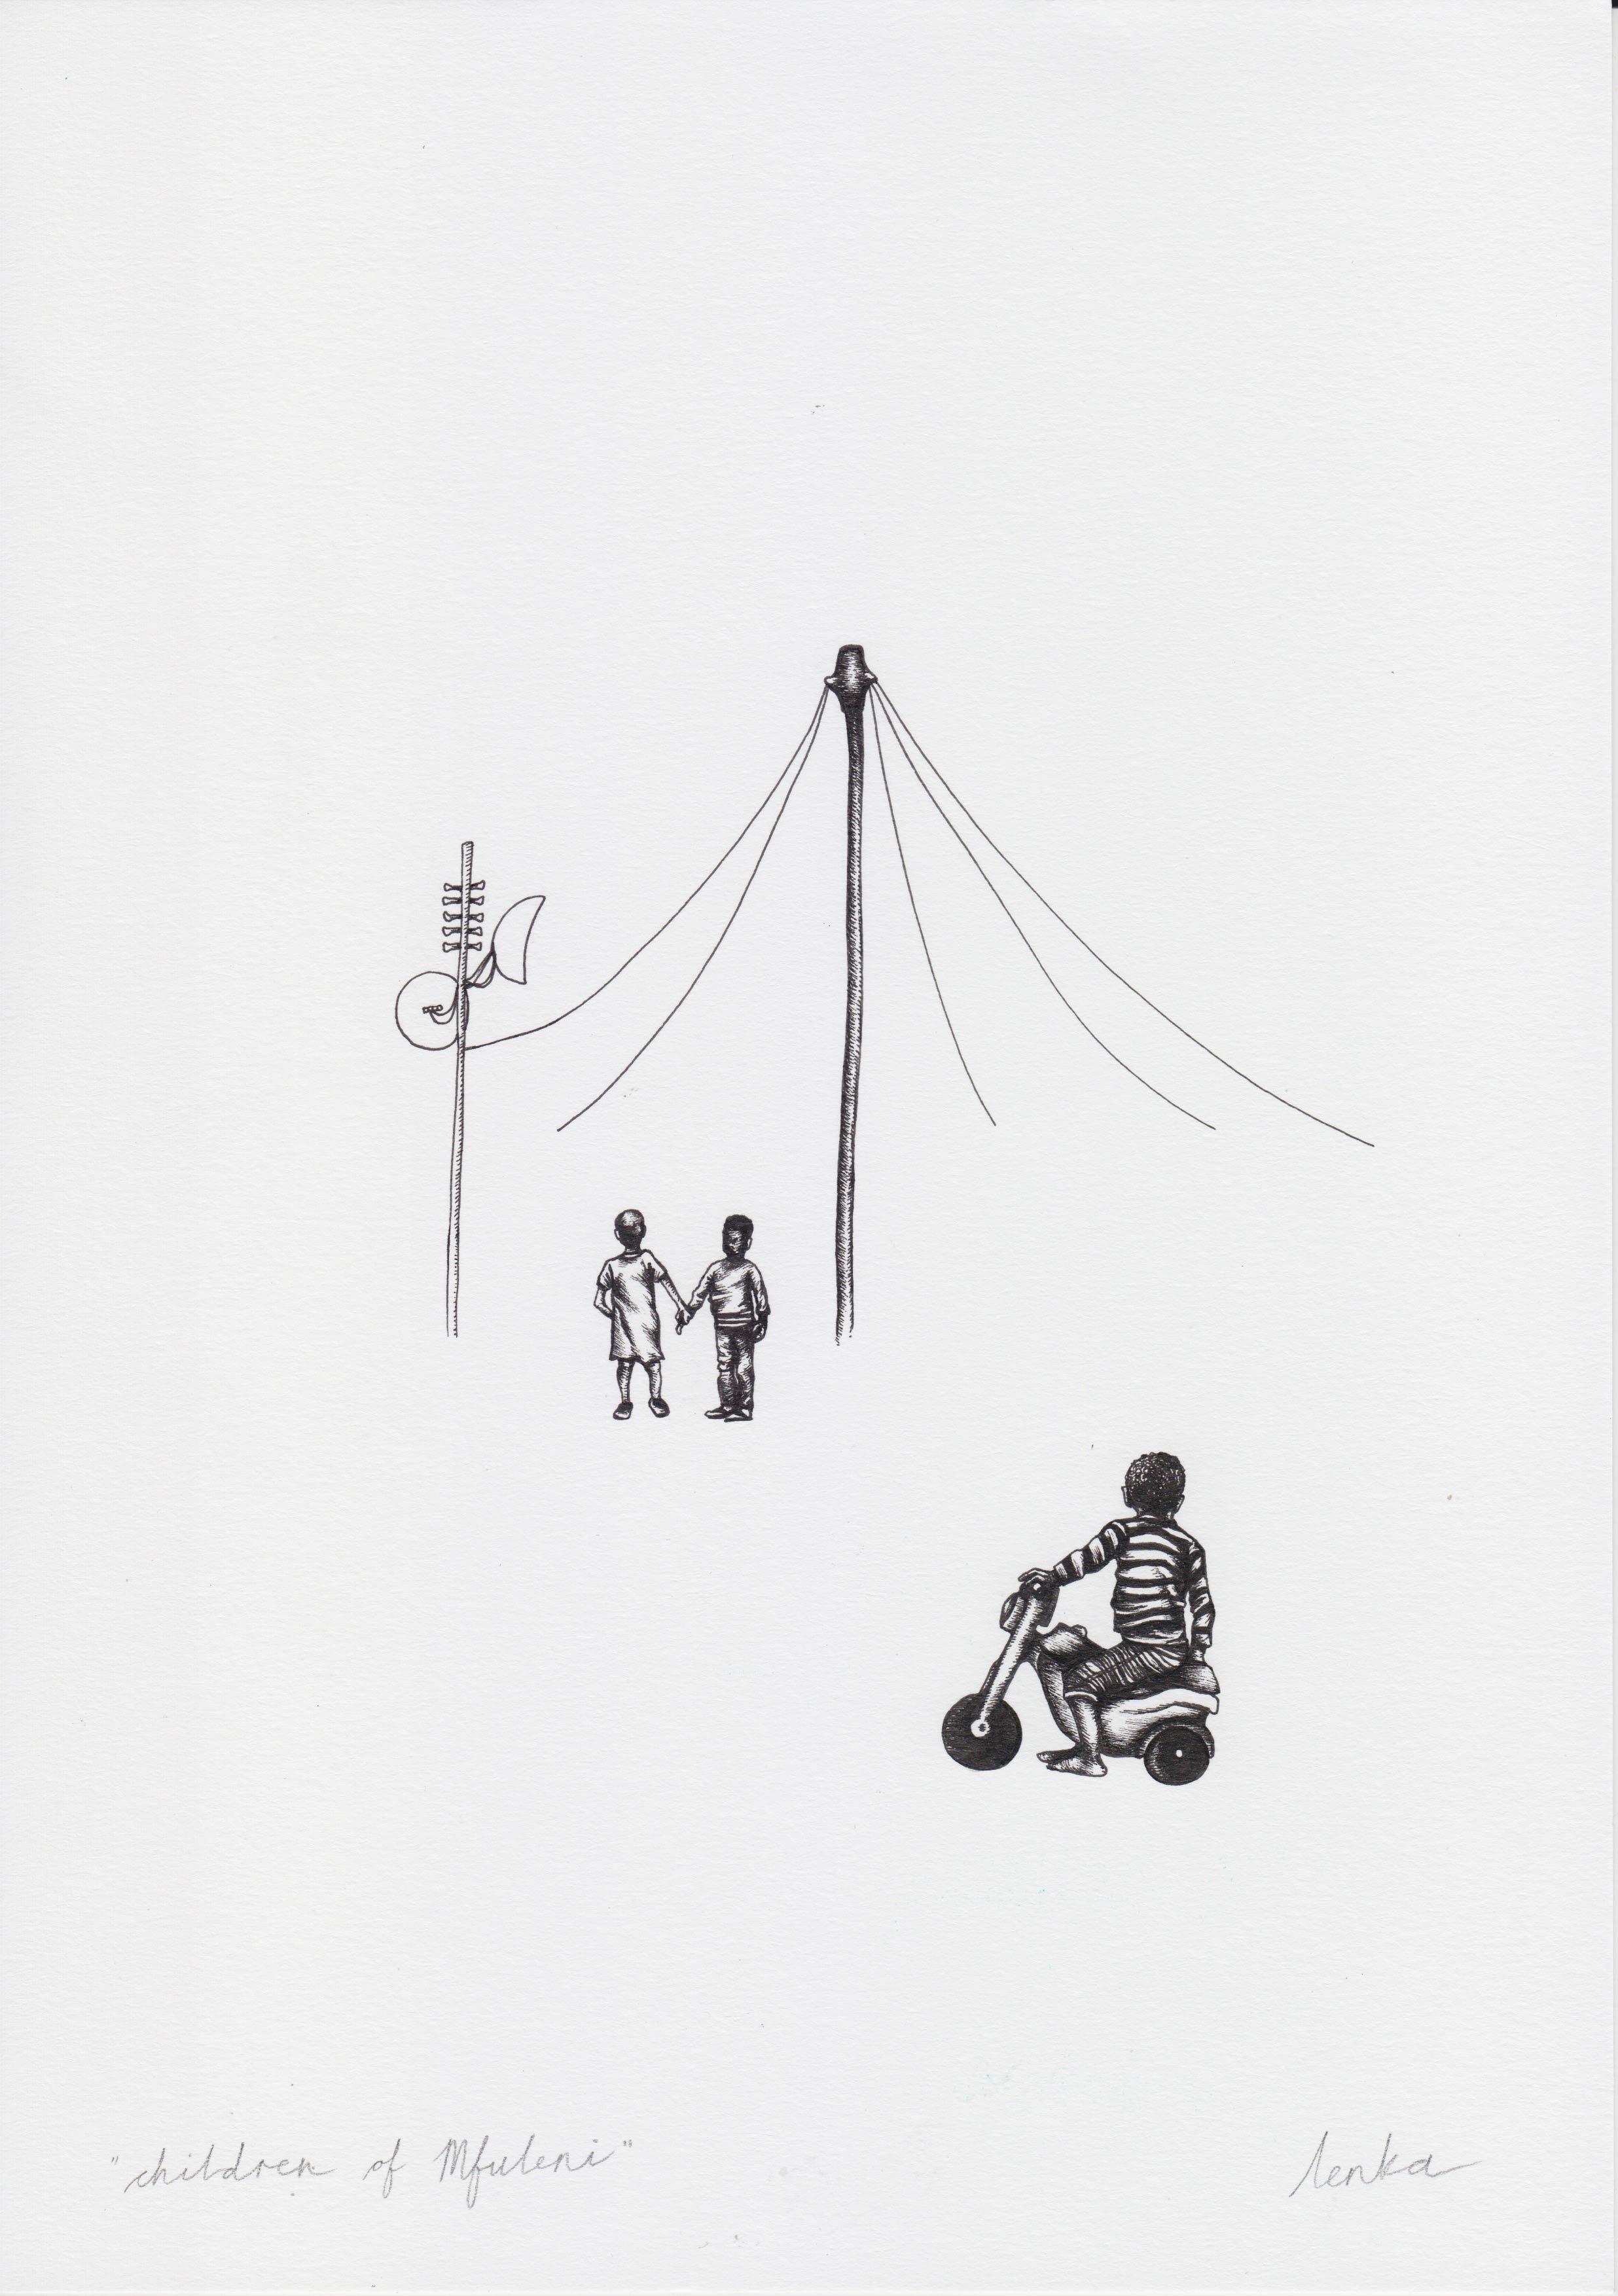 Lenka Cronje – Nr. 1.14 - children of Mfuleni